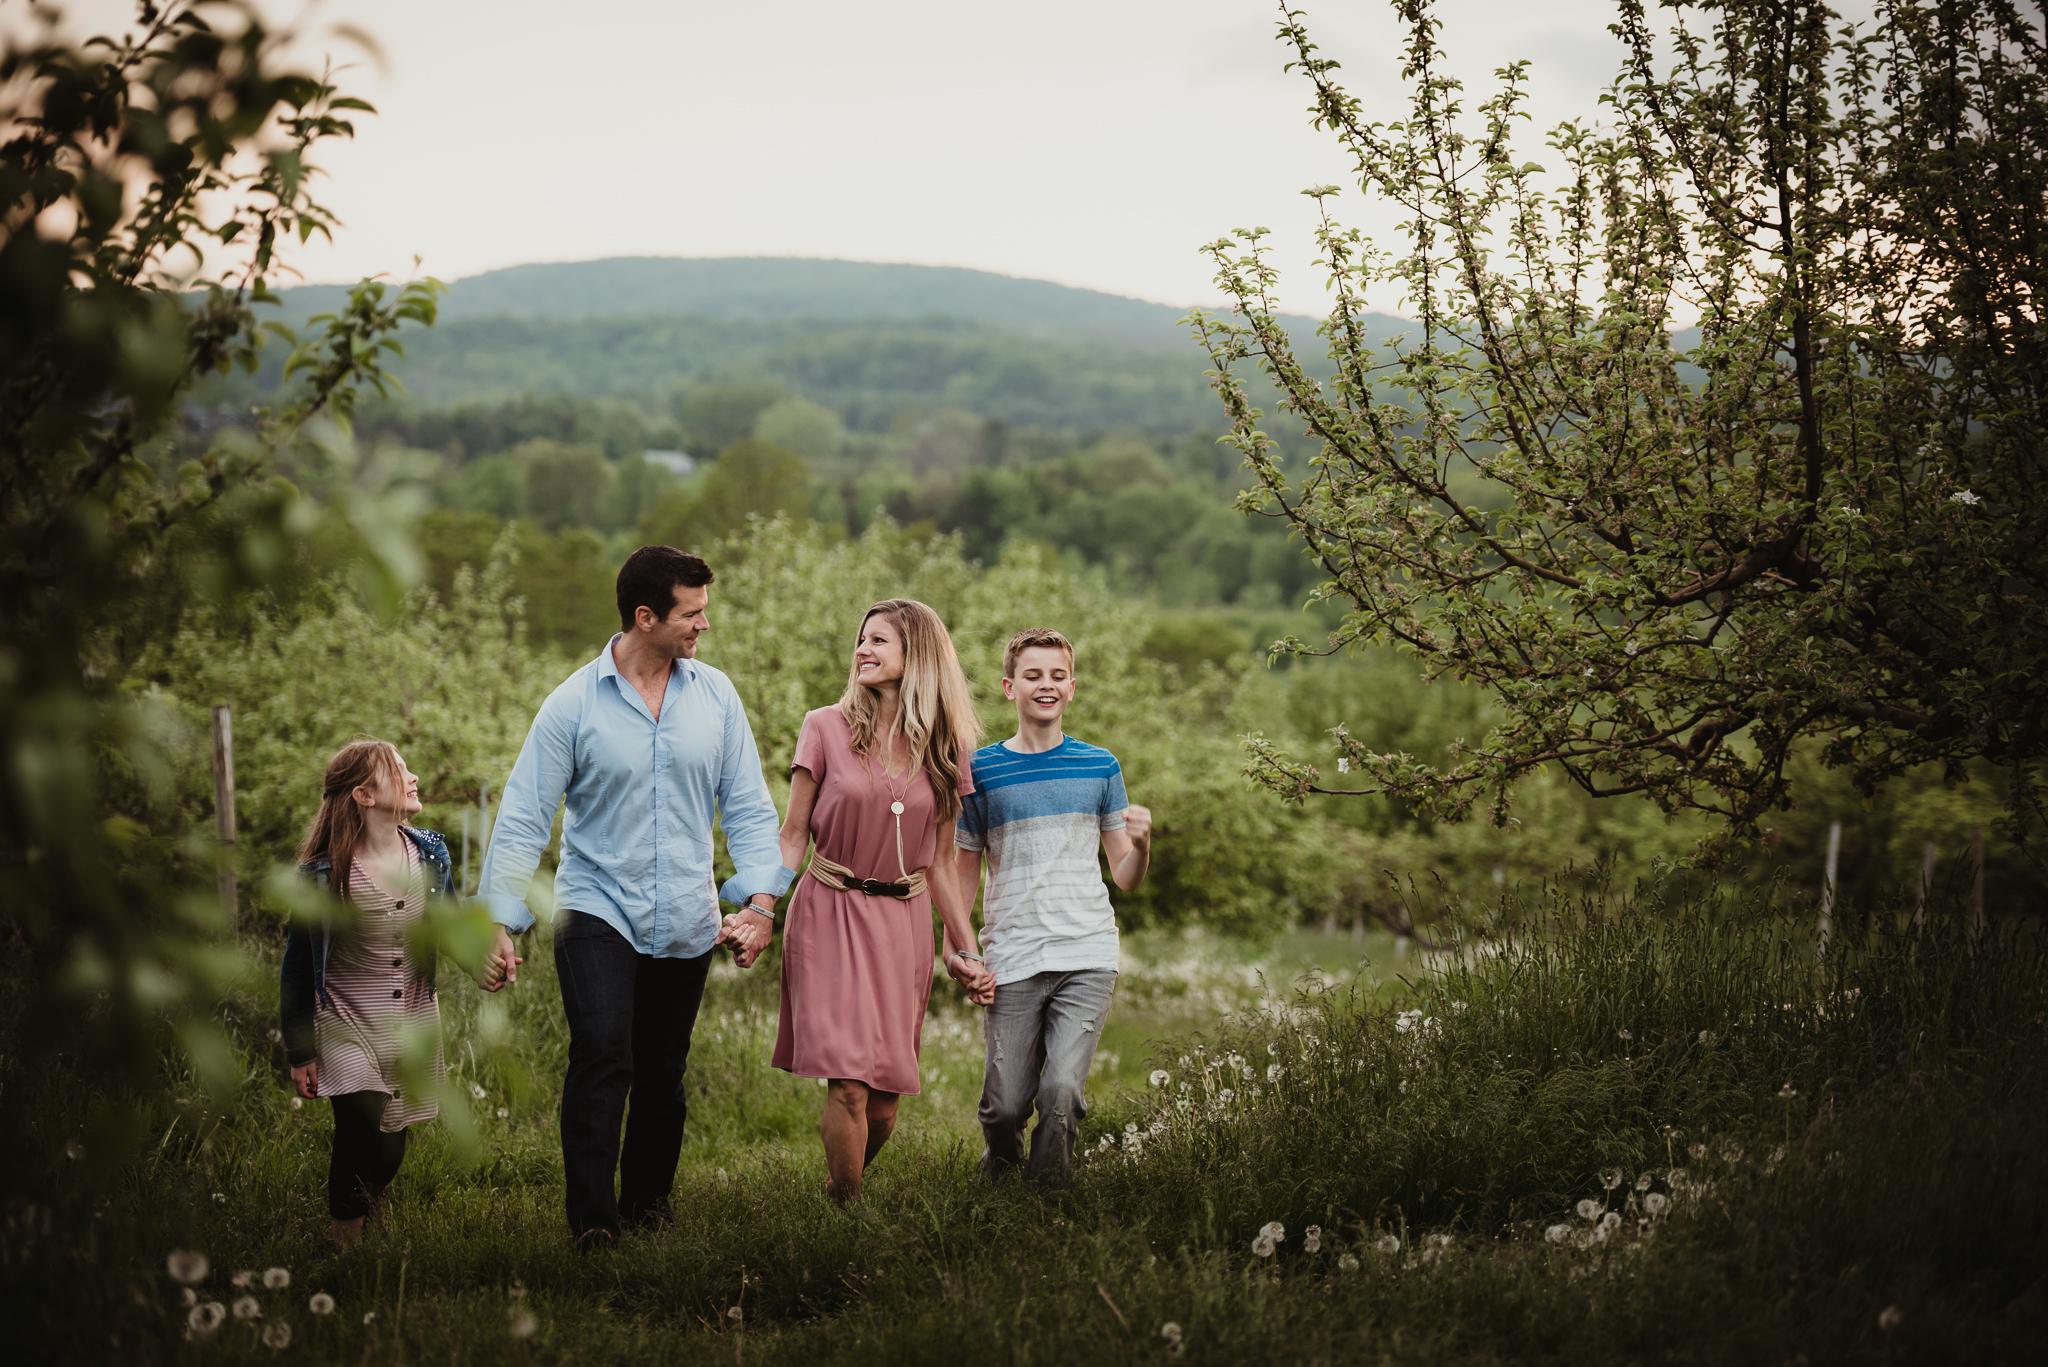 family photographers rochester ny